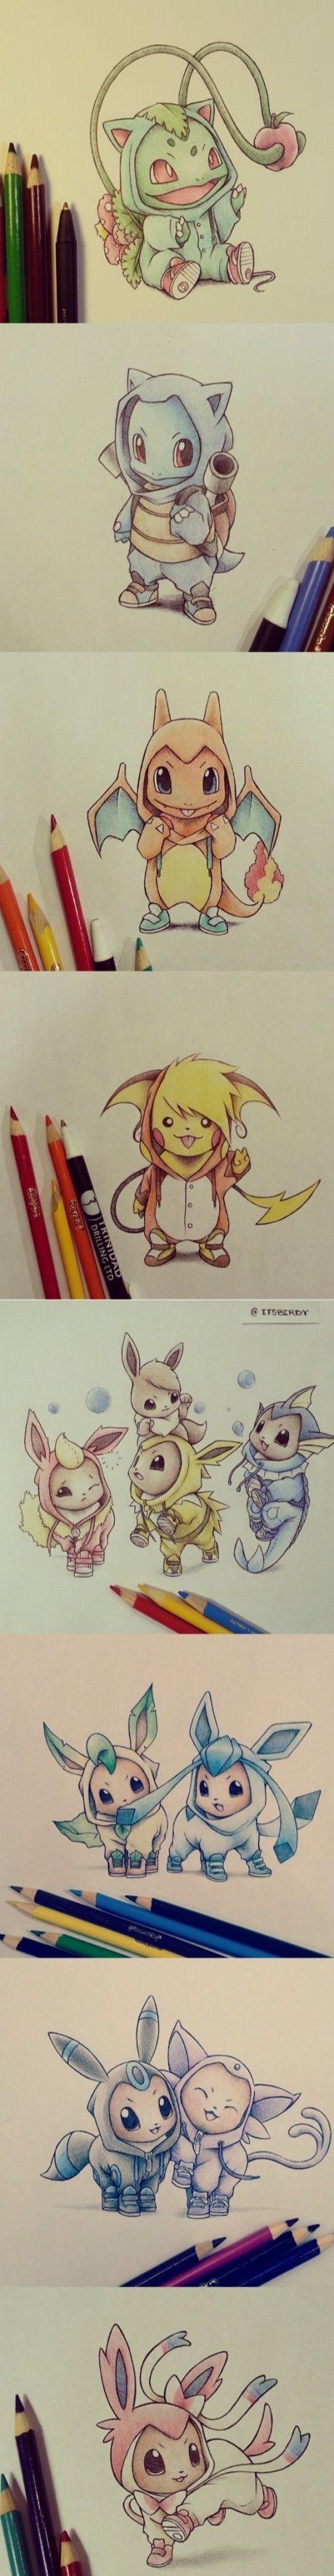 pokemones al modo